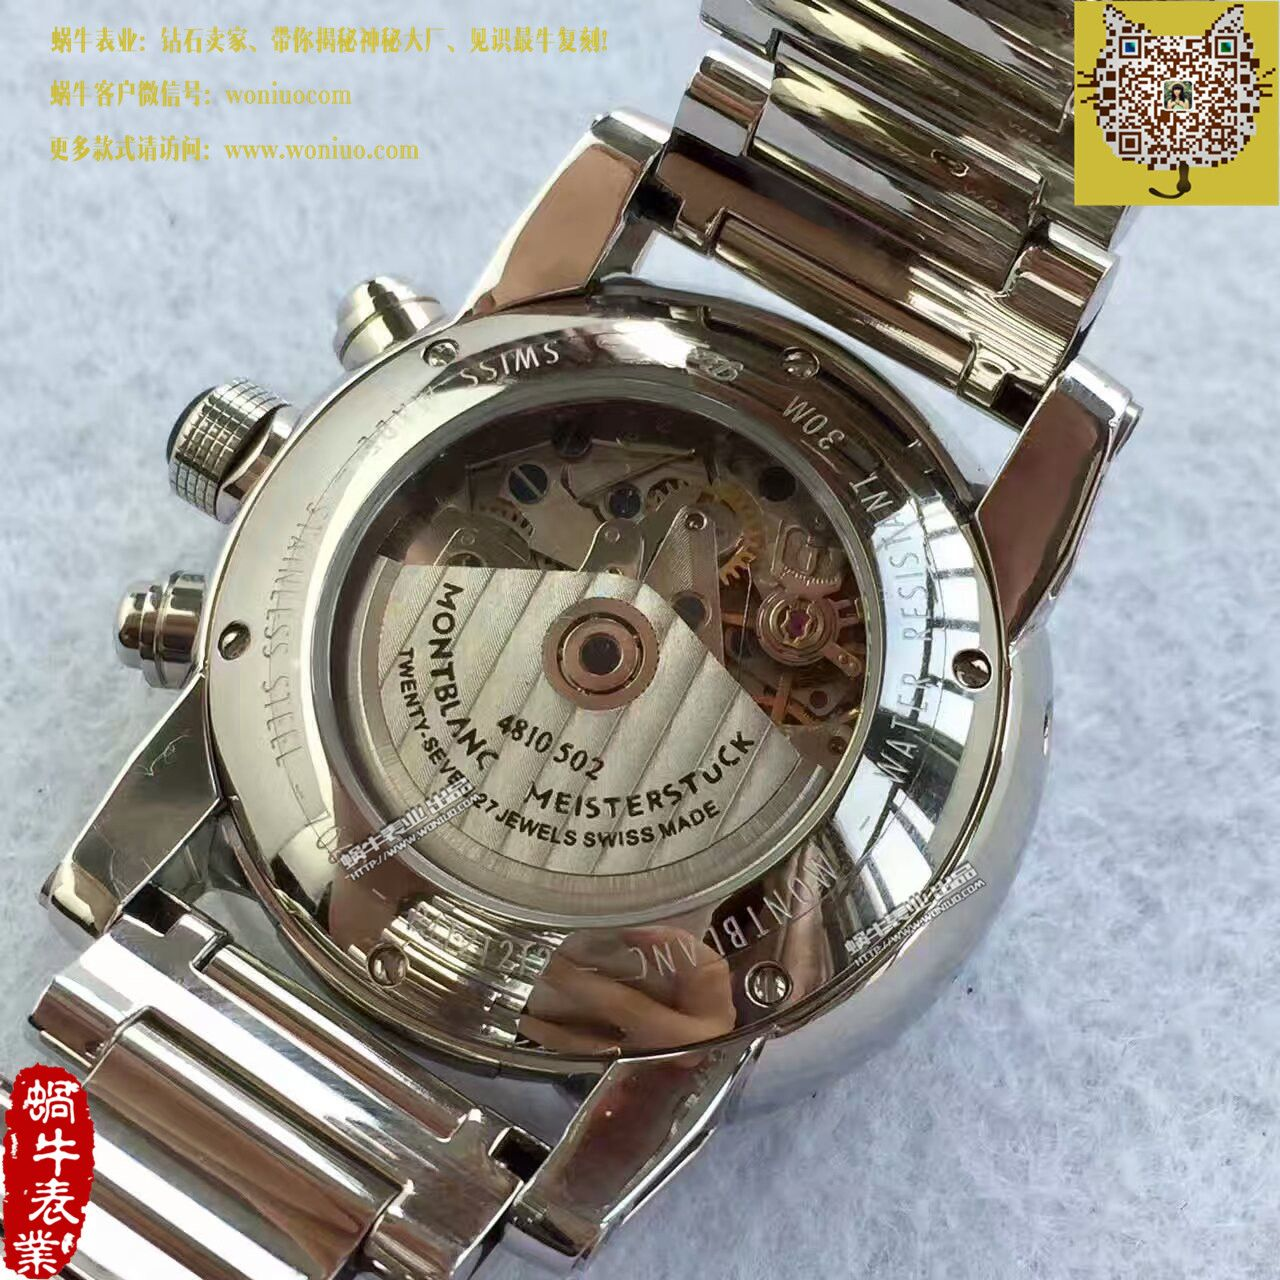 【台湾厂顶级复刻手表】万宝龙时光行者系列U036972腕表 / MB011